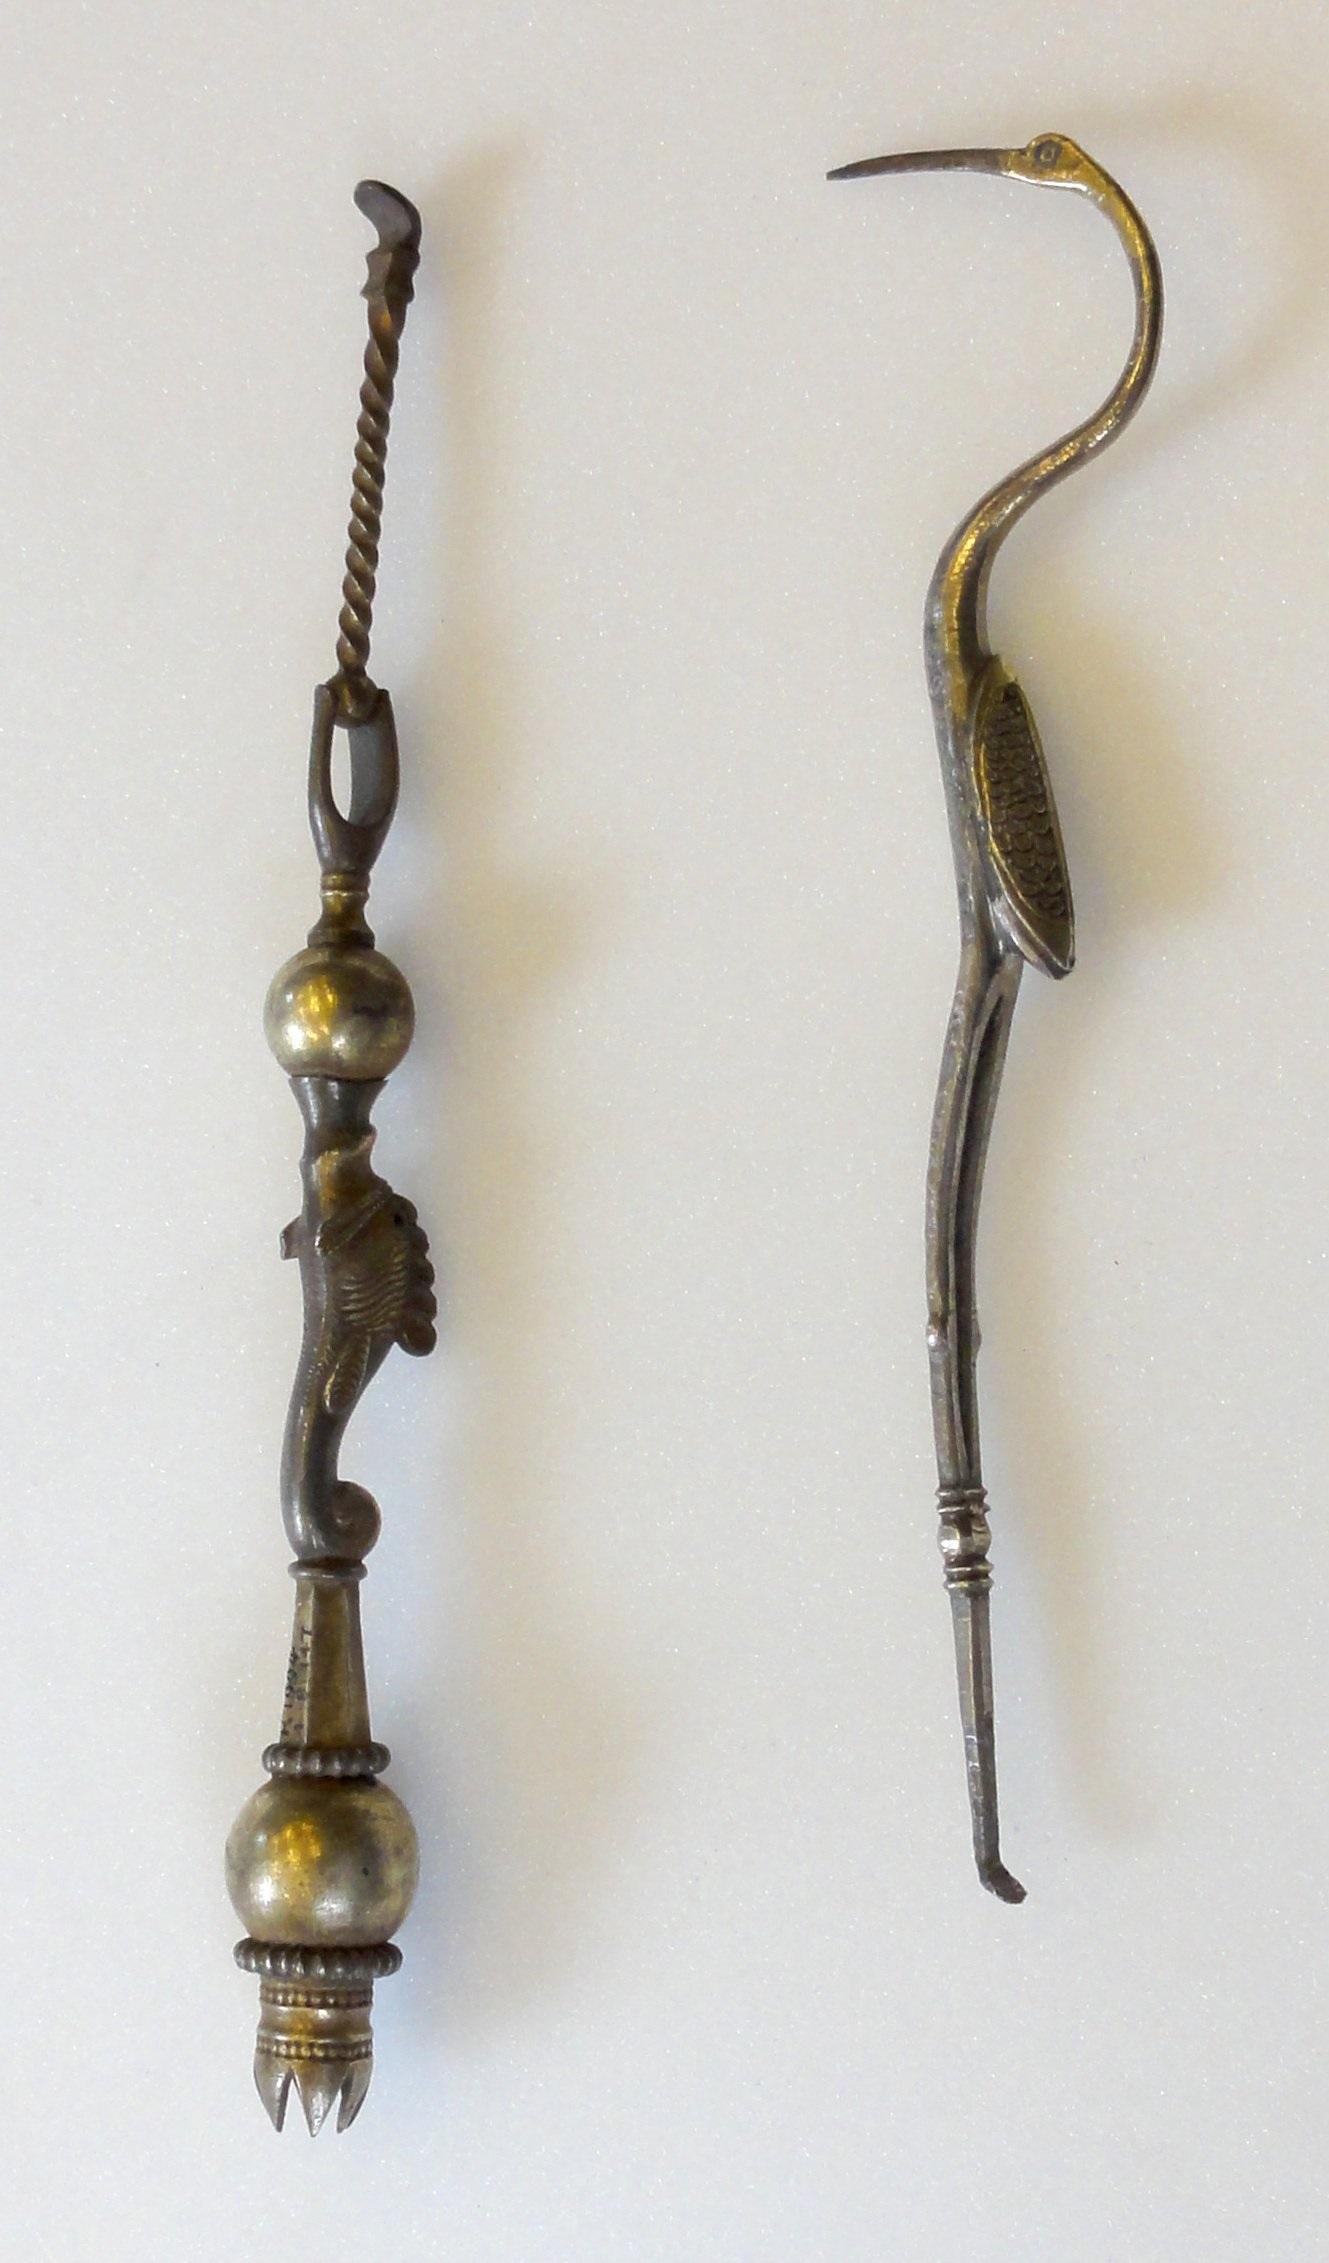 a6448e2c52 Palitos de dentes feitos de prata e com formatos alternativos representando  uma sereia e um pássaro íbis (dir.)